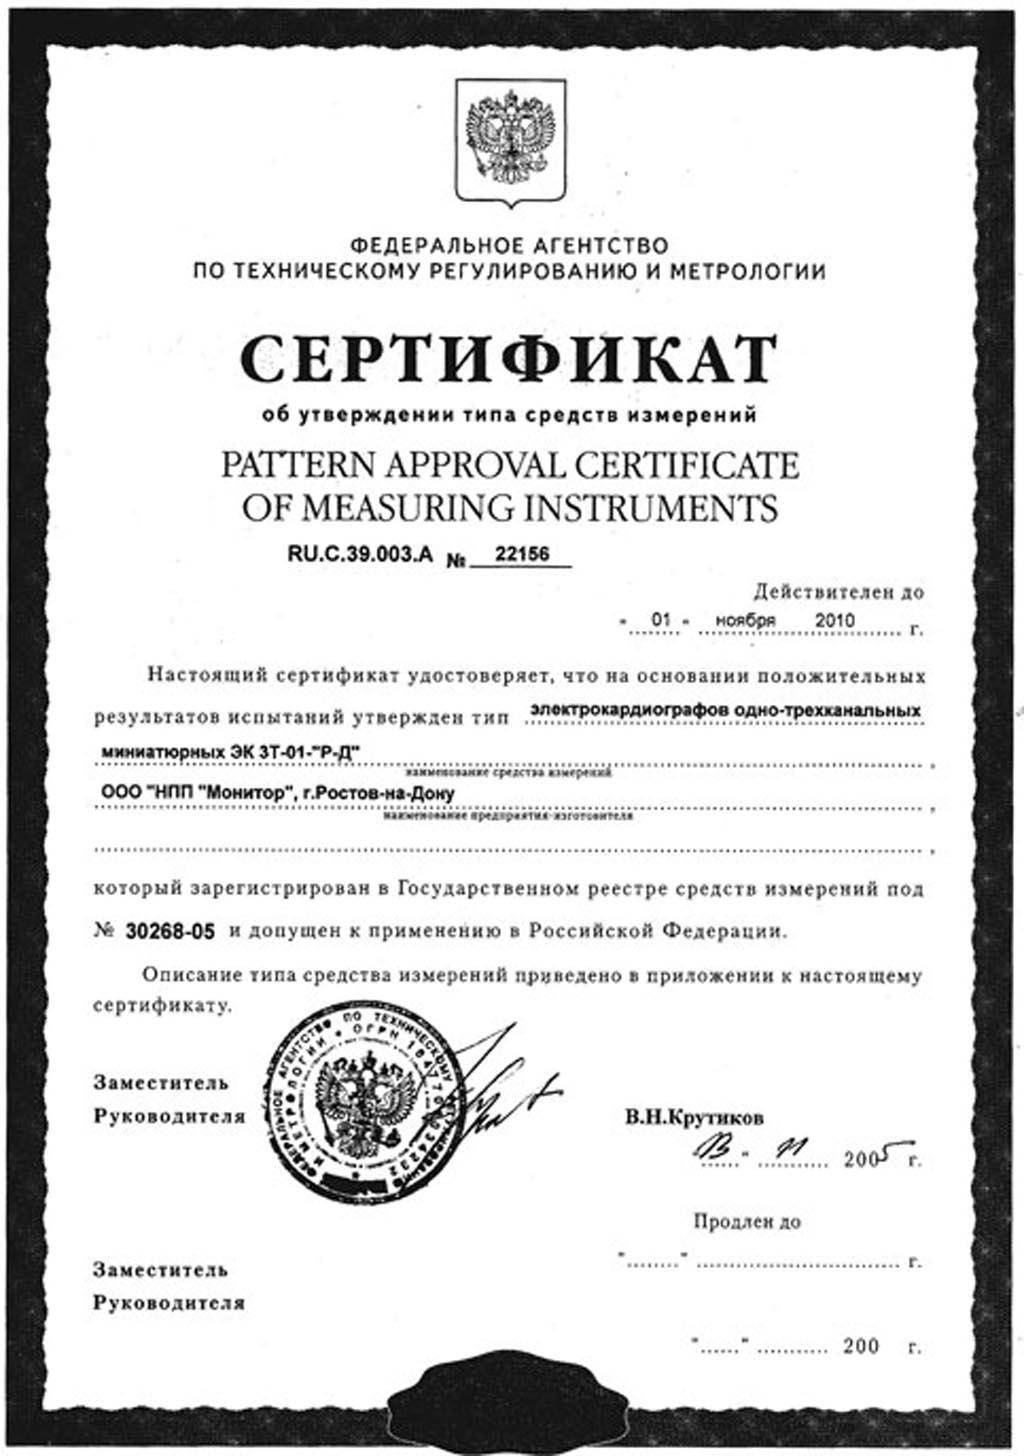 сертификат ЭК 3Т-01 Р-Д